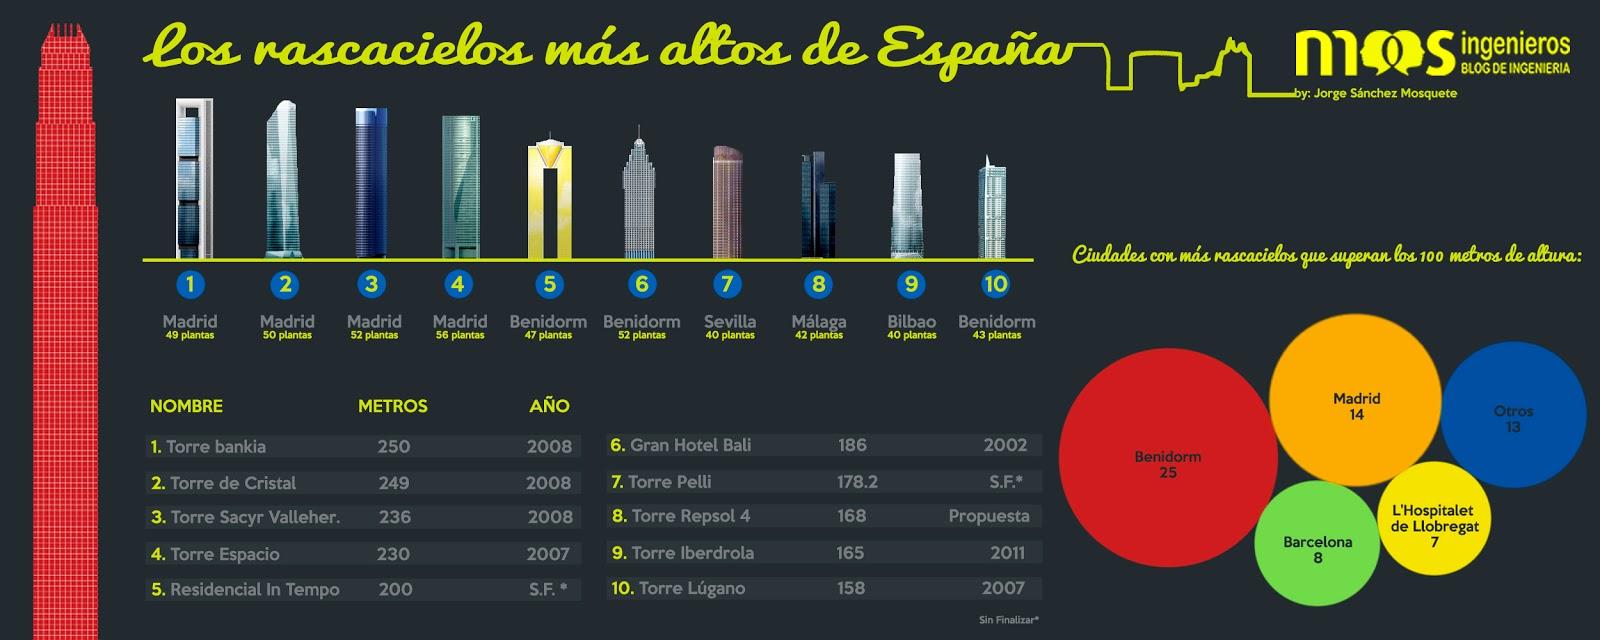 Infograf%c3%ada-rascacielos-m%c3%a1s-altos-espa%c3%b1a